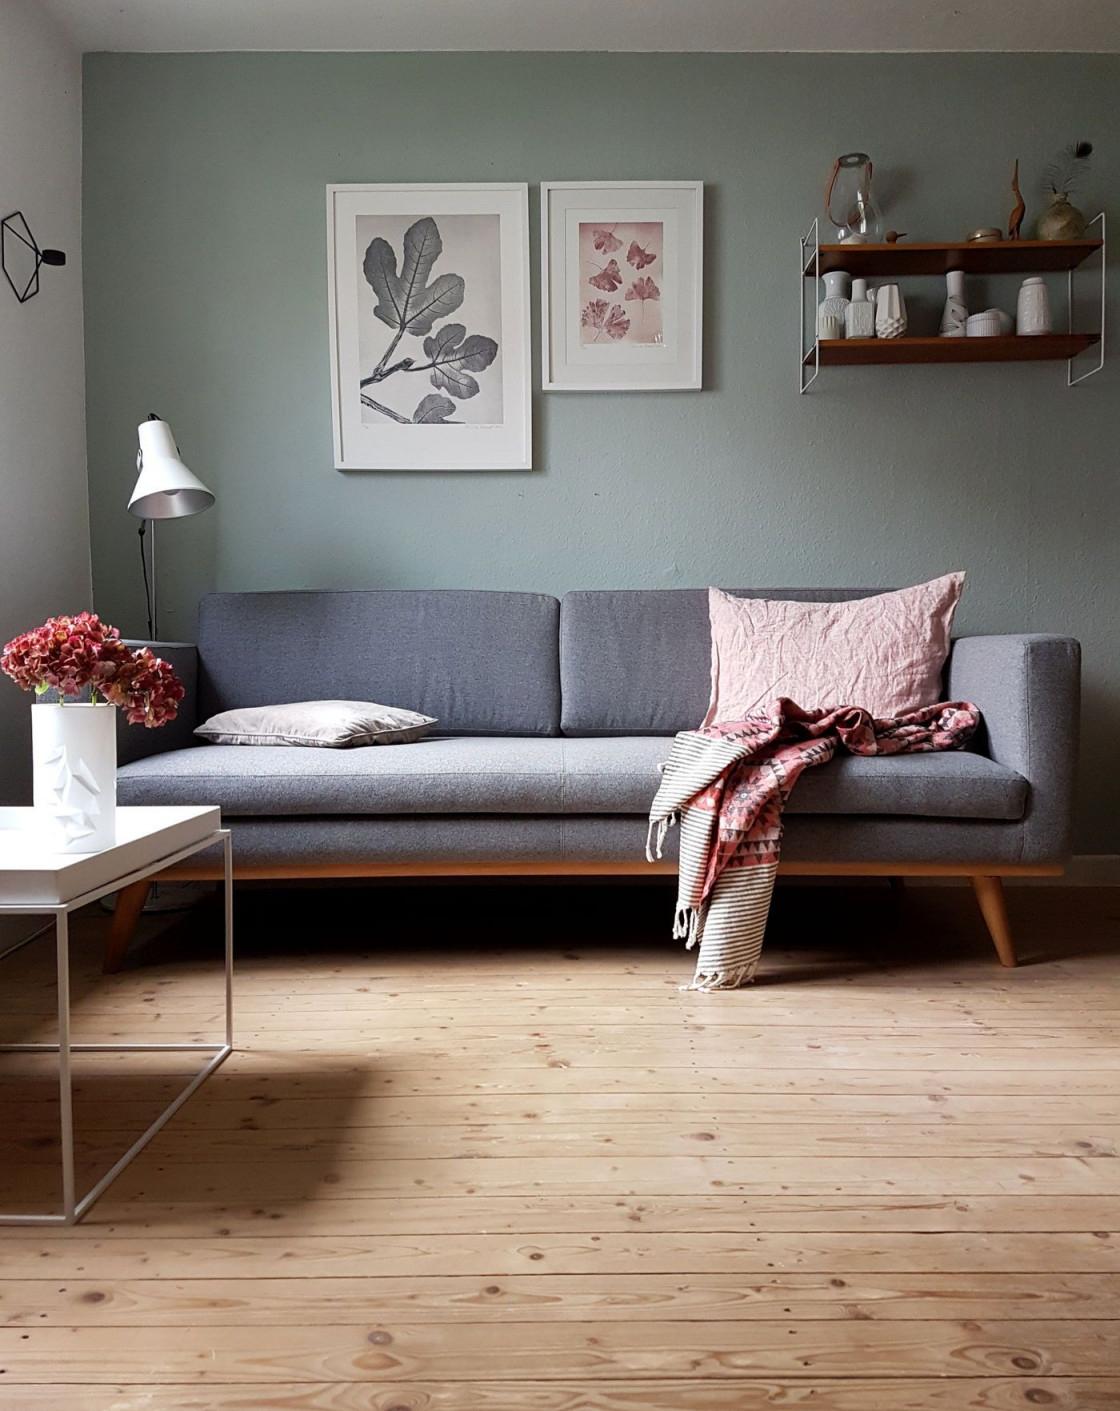 Die Schönsten Ideen Für Die Wandfarbe Im Wohnzimmer von Wohnzimmer Wände Farbig Gestalten Bild